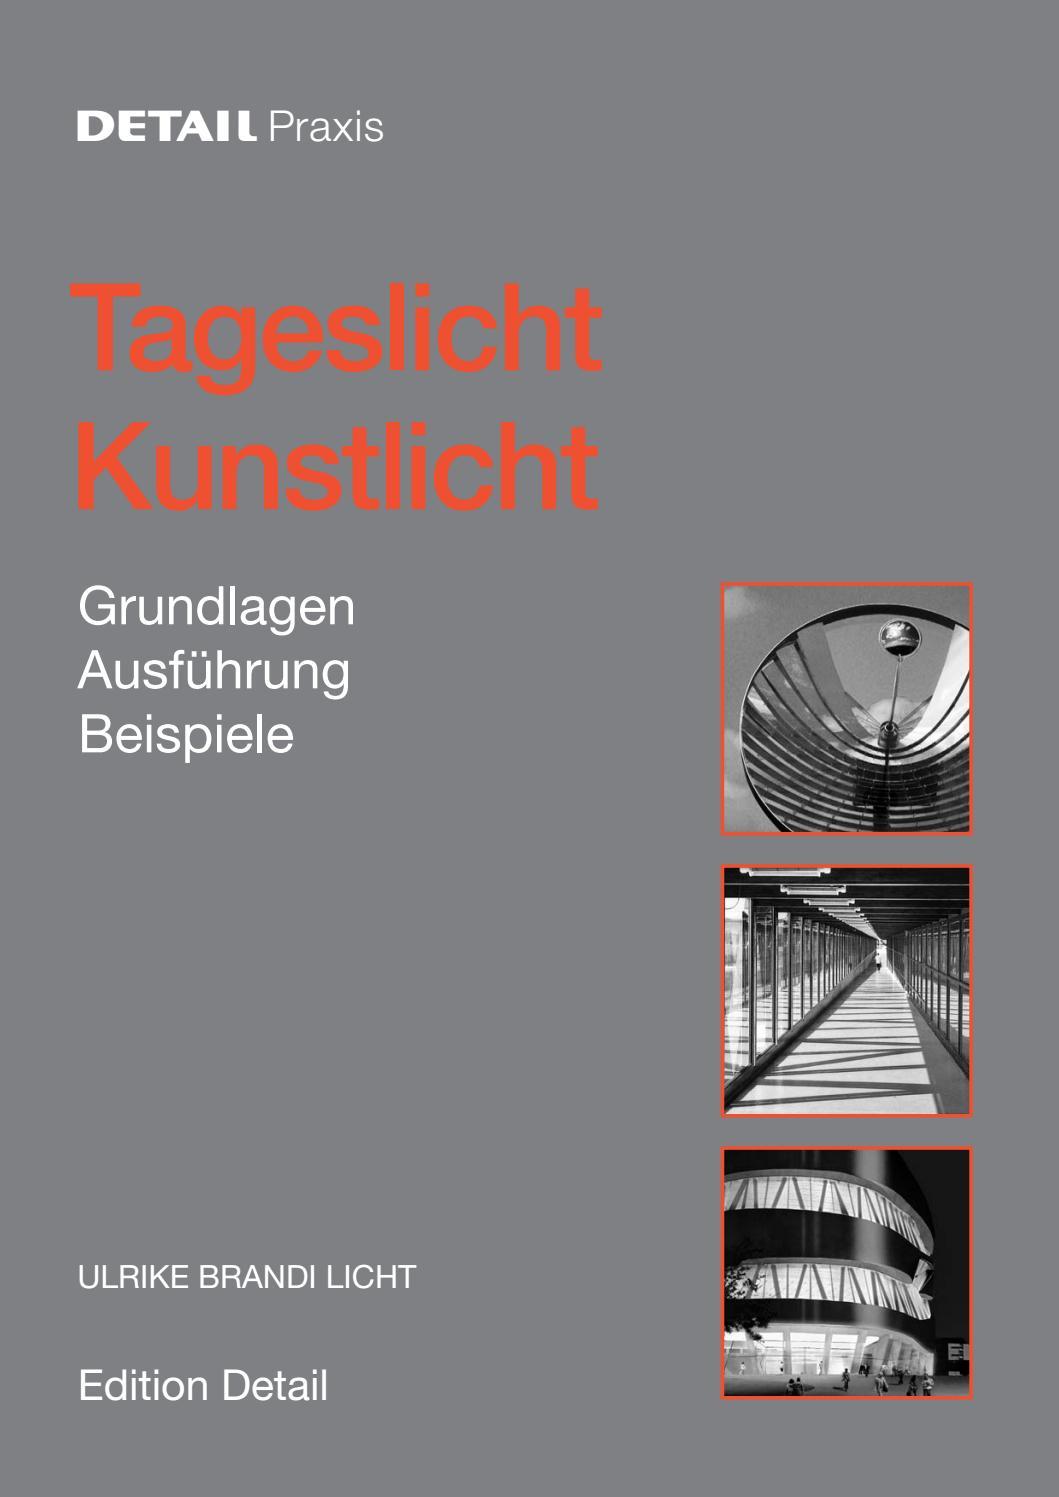 Tageslicht Kunstlicht by DETAIL - issuu